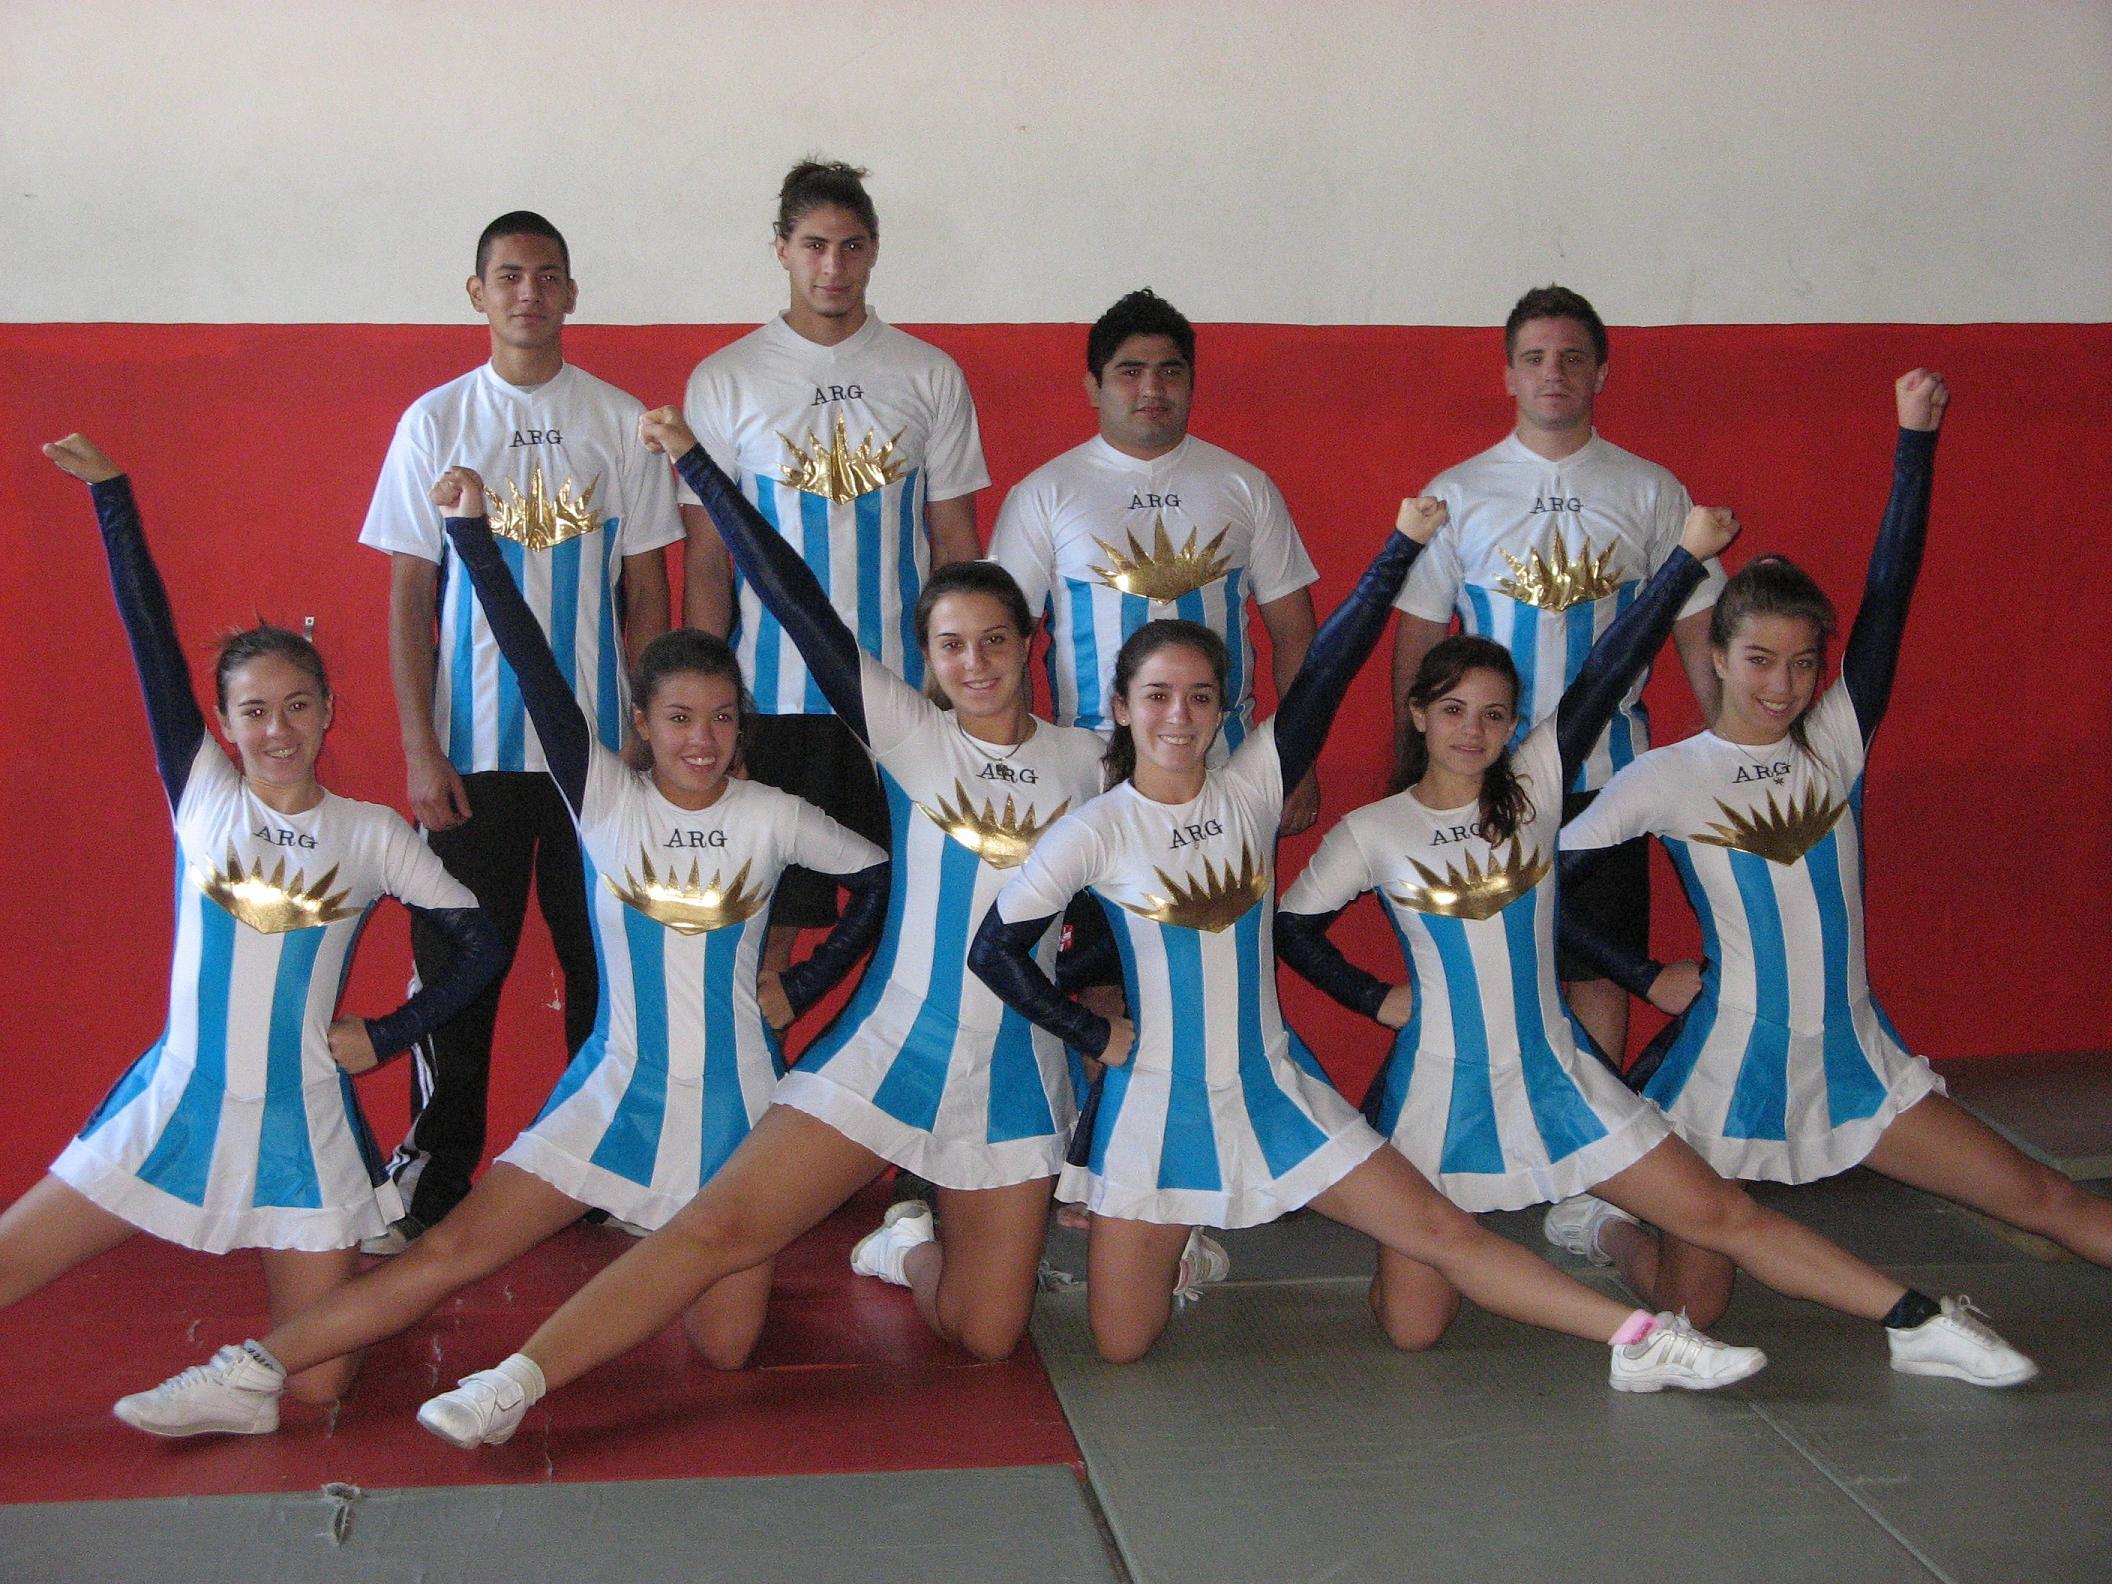 Argentina tendrá representantes en el mundial de cheerleaders 2011